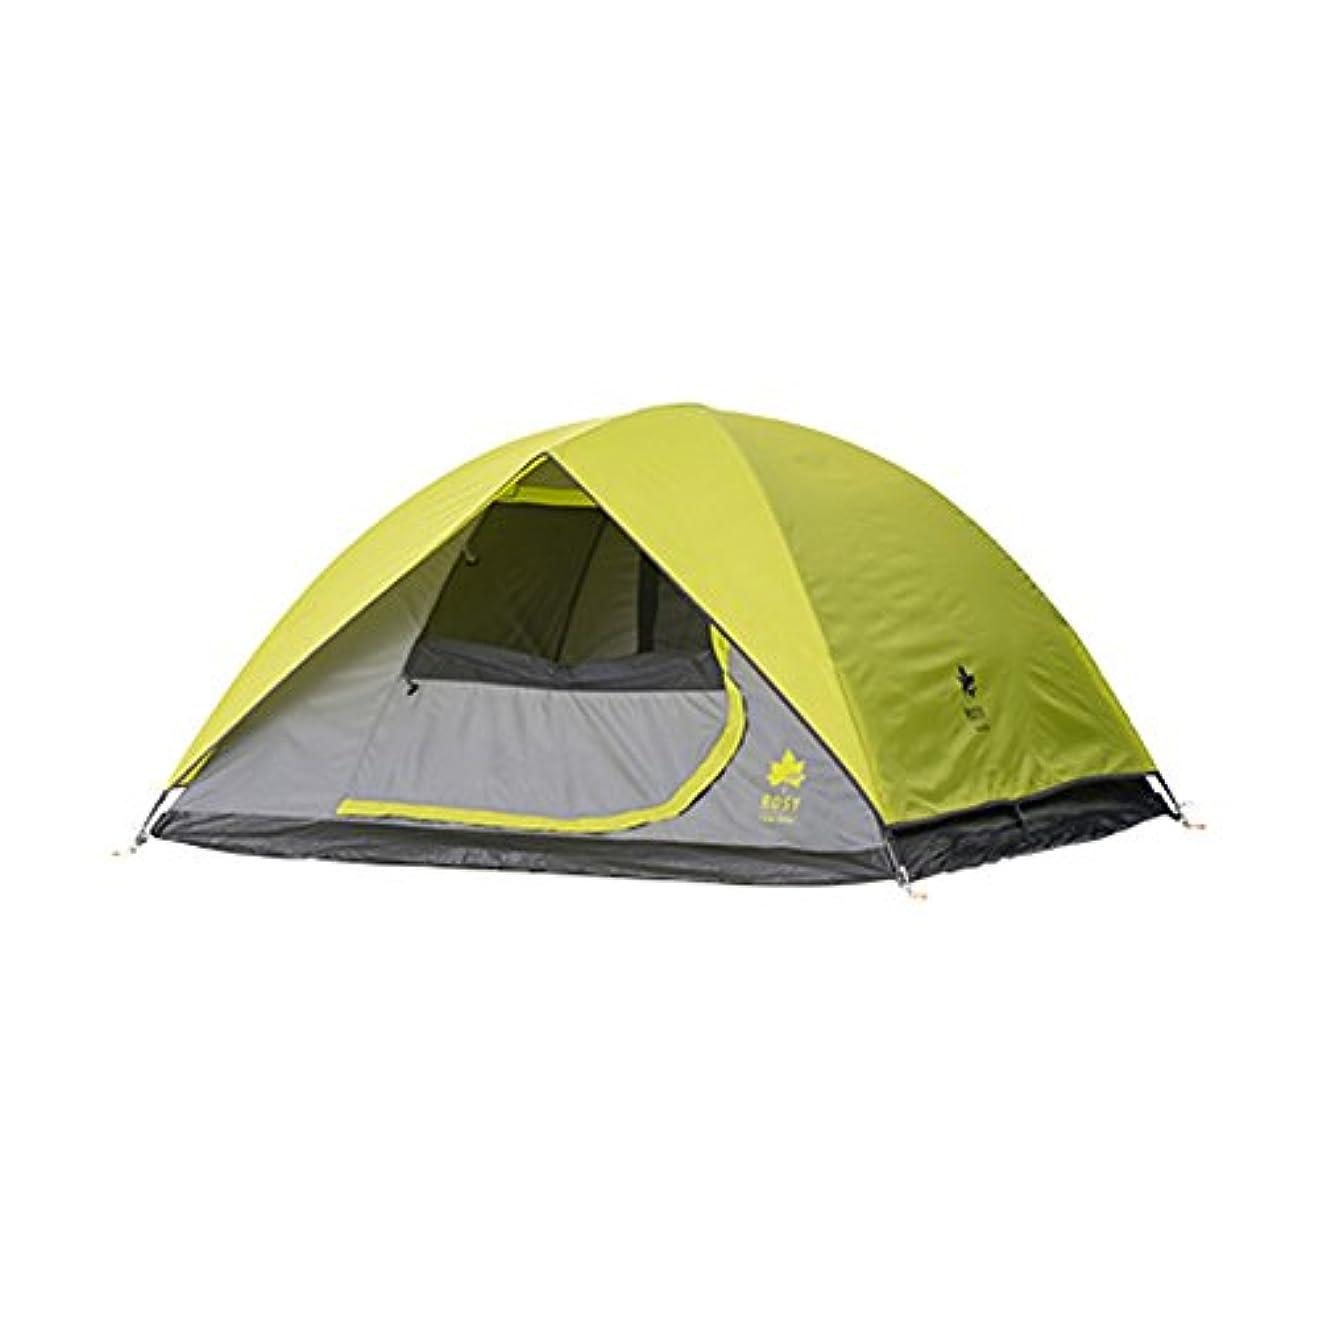 ポケット最初焦がすロゴス(ロゴス) ROSY i-Link サンドーム M 71805019 キャンプ用品 ドーム型テント